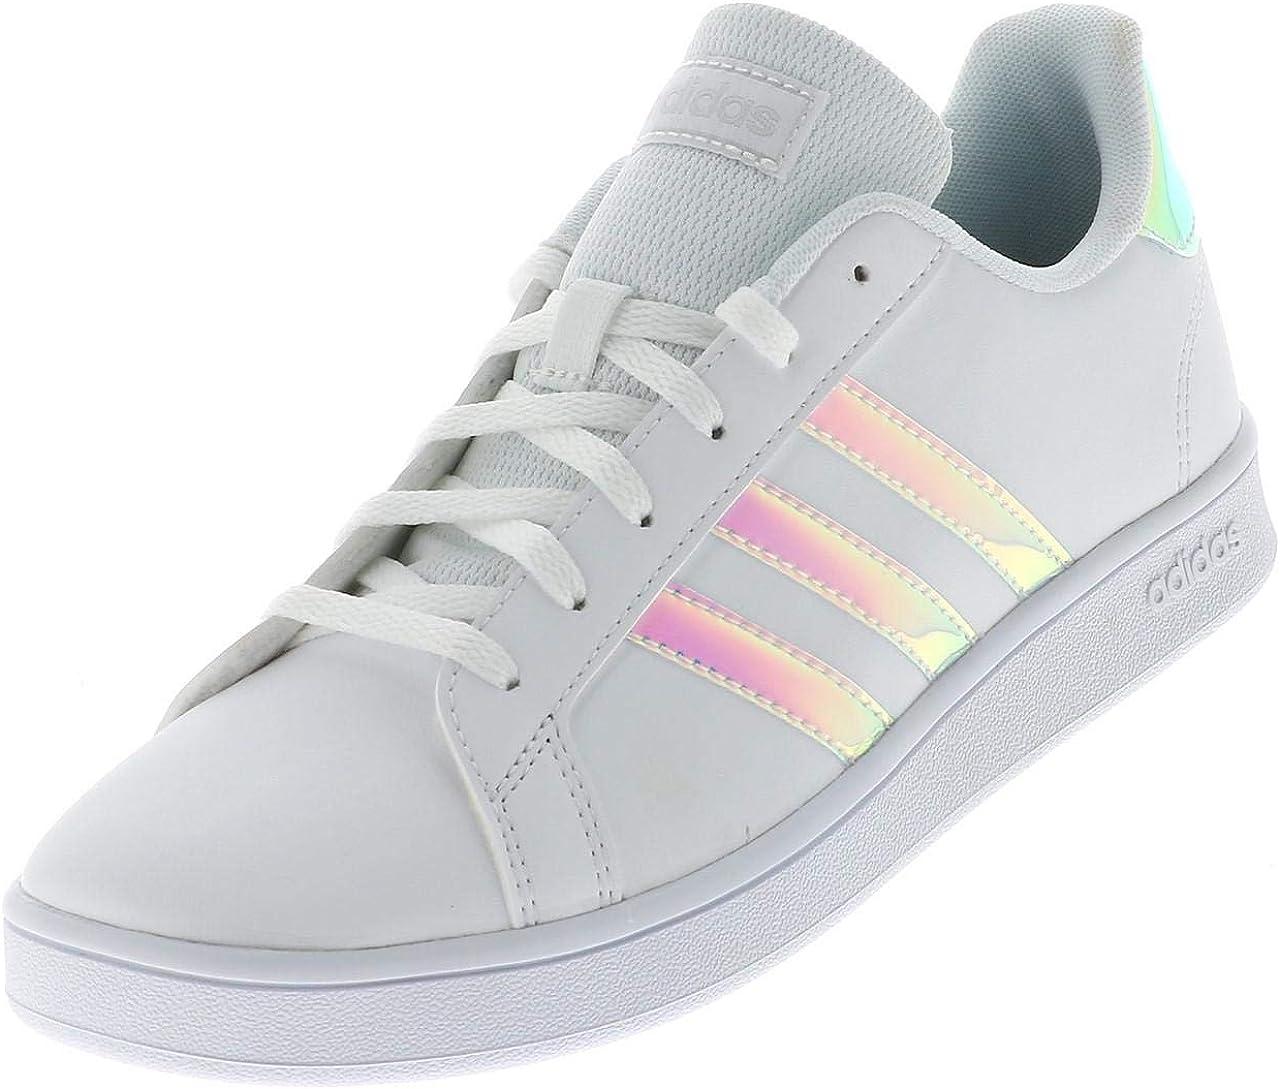 adidas Grand Court K, Chaussure de Tennis Mixte Enfant: Amazon.fr ...